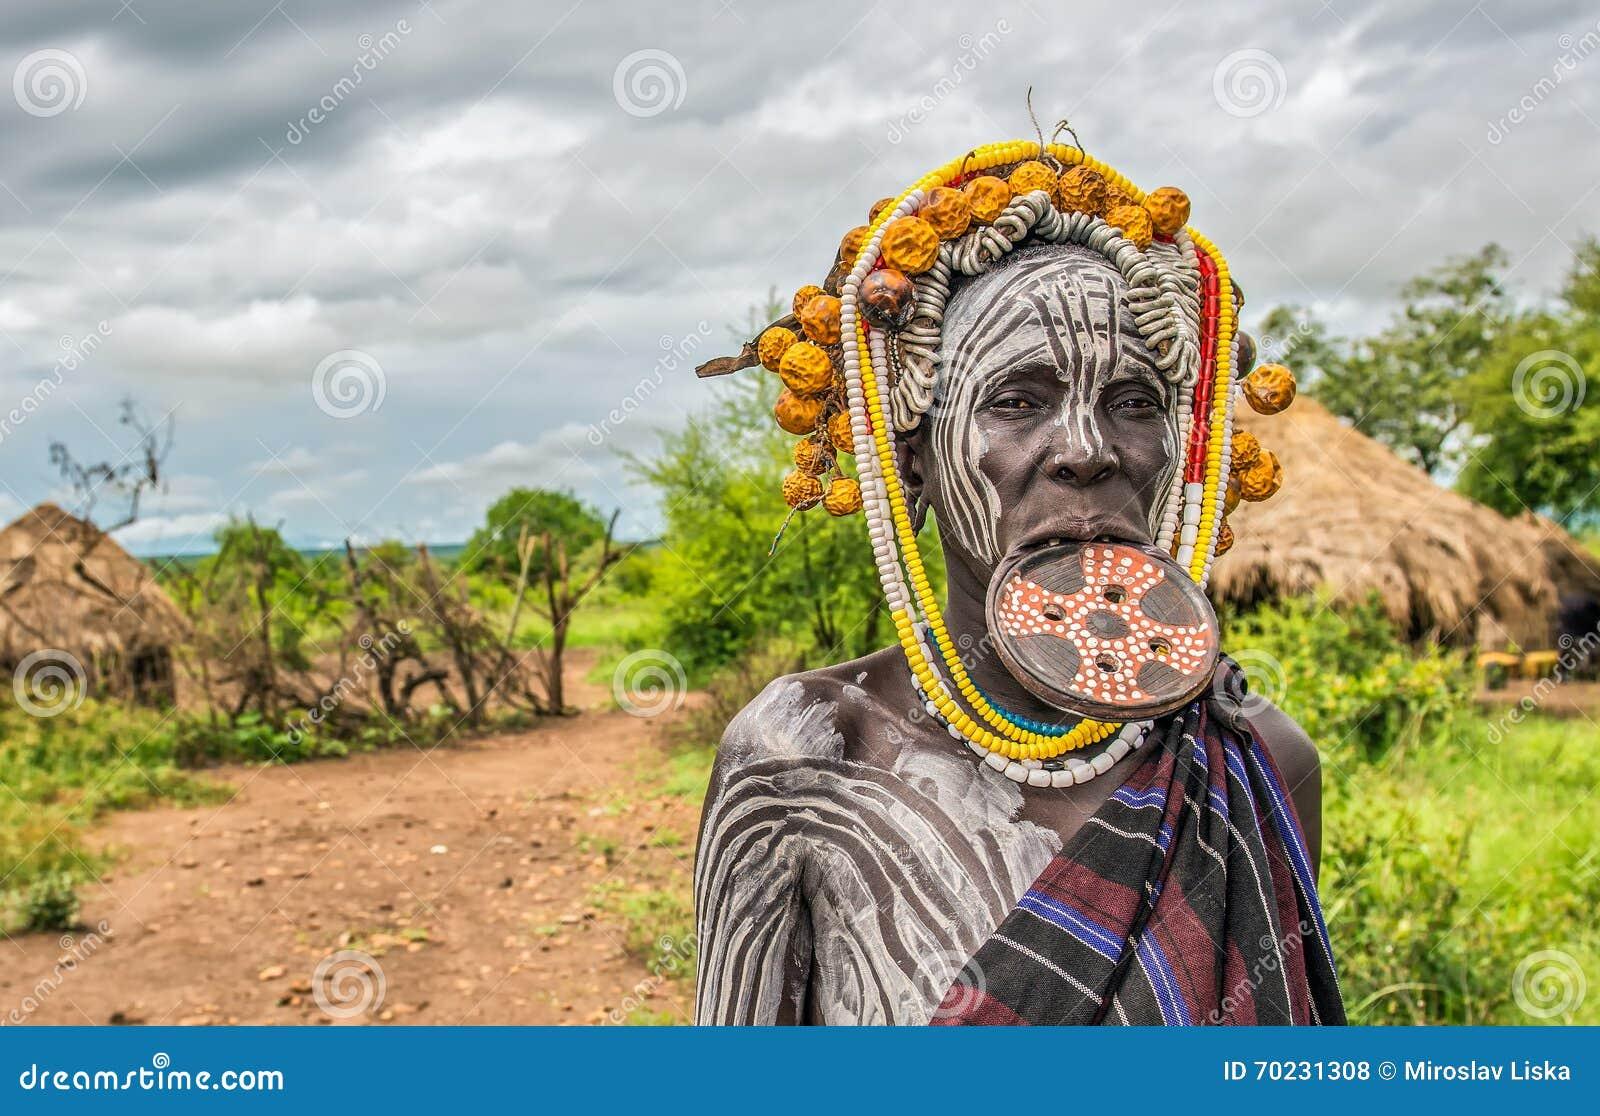 Mujer de la tribu africana Mursi, valle de Omo, Etiopía